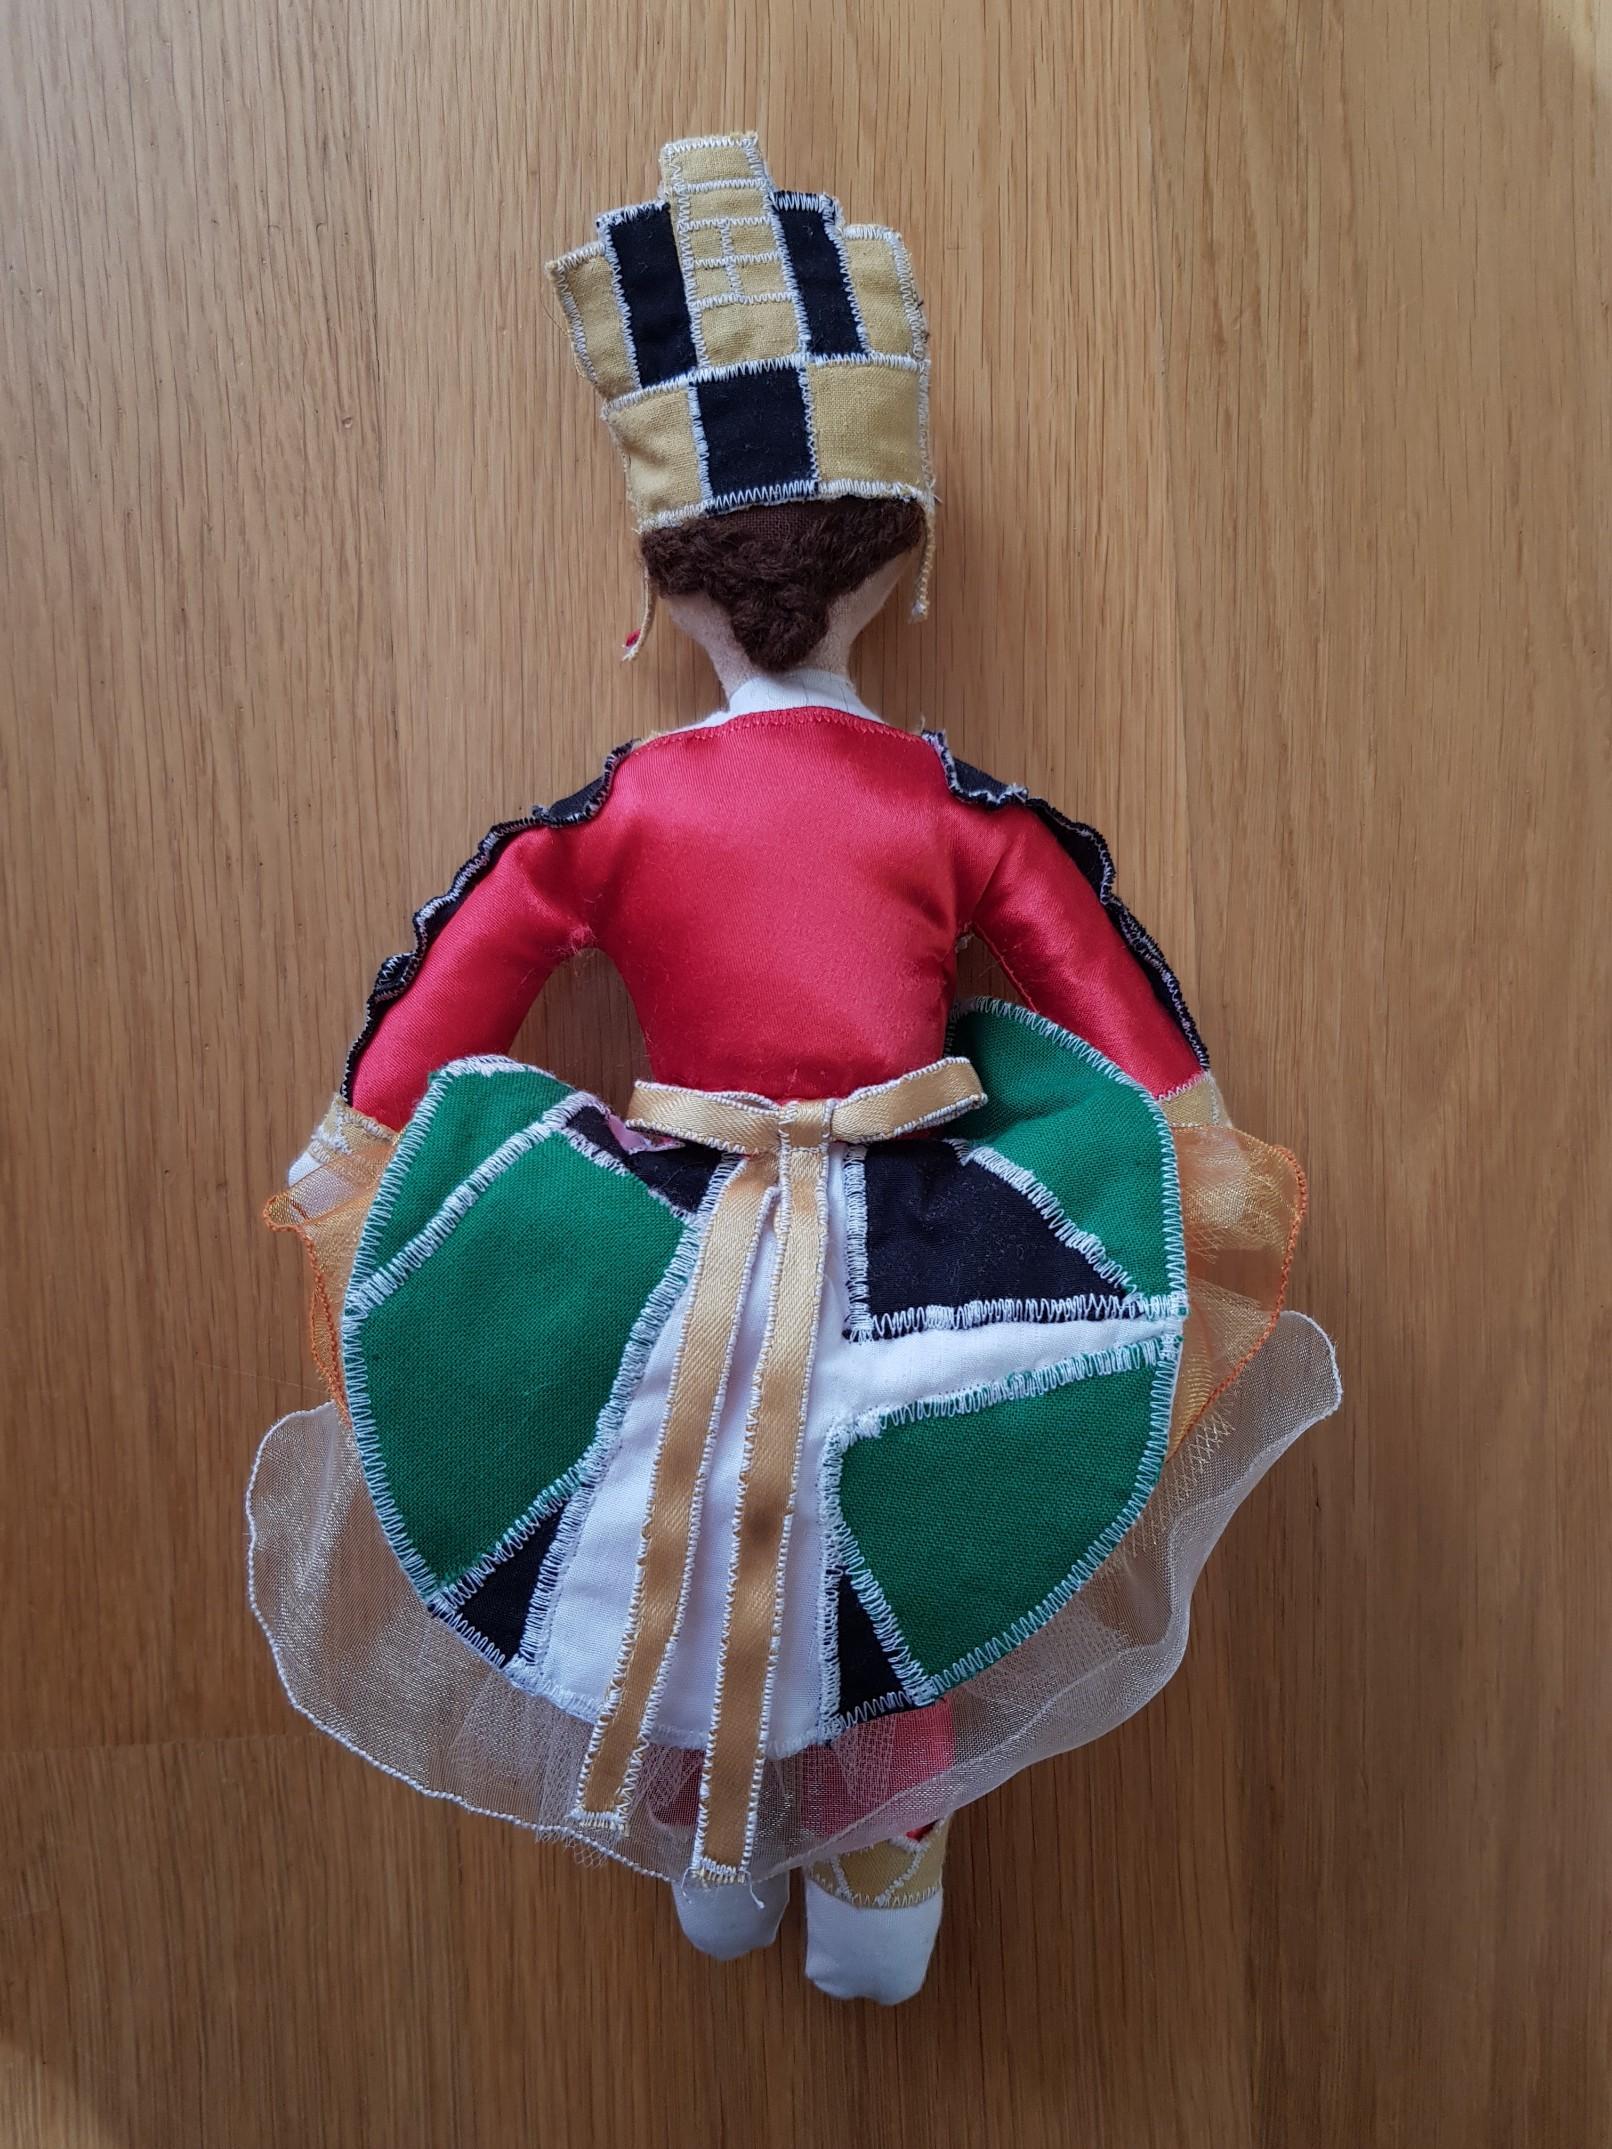 musical co ty powiesz doll dama back